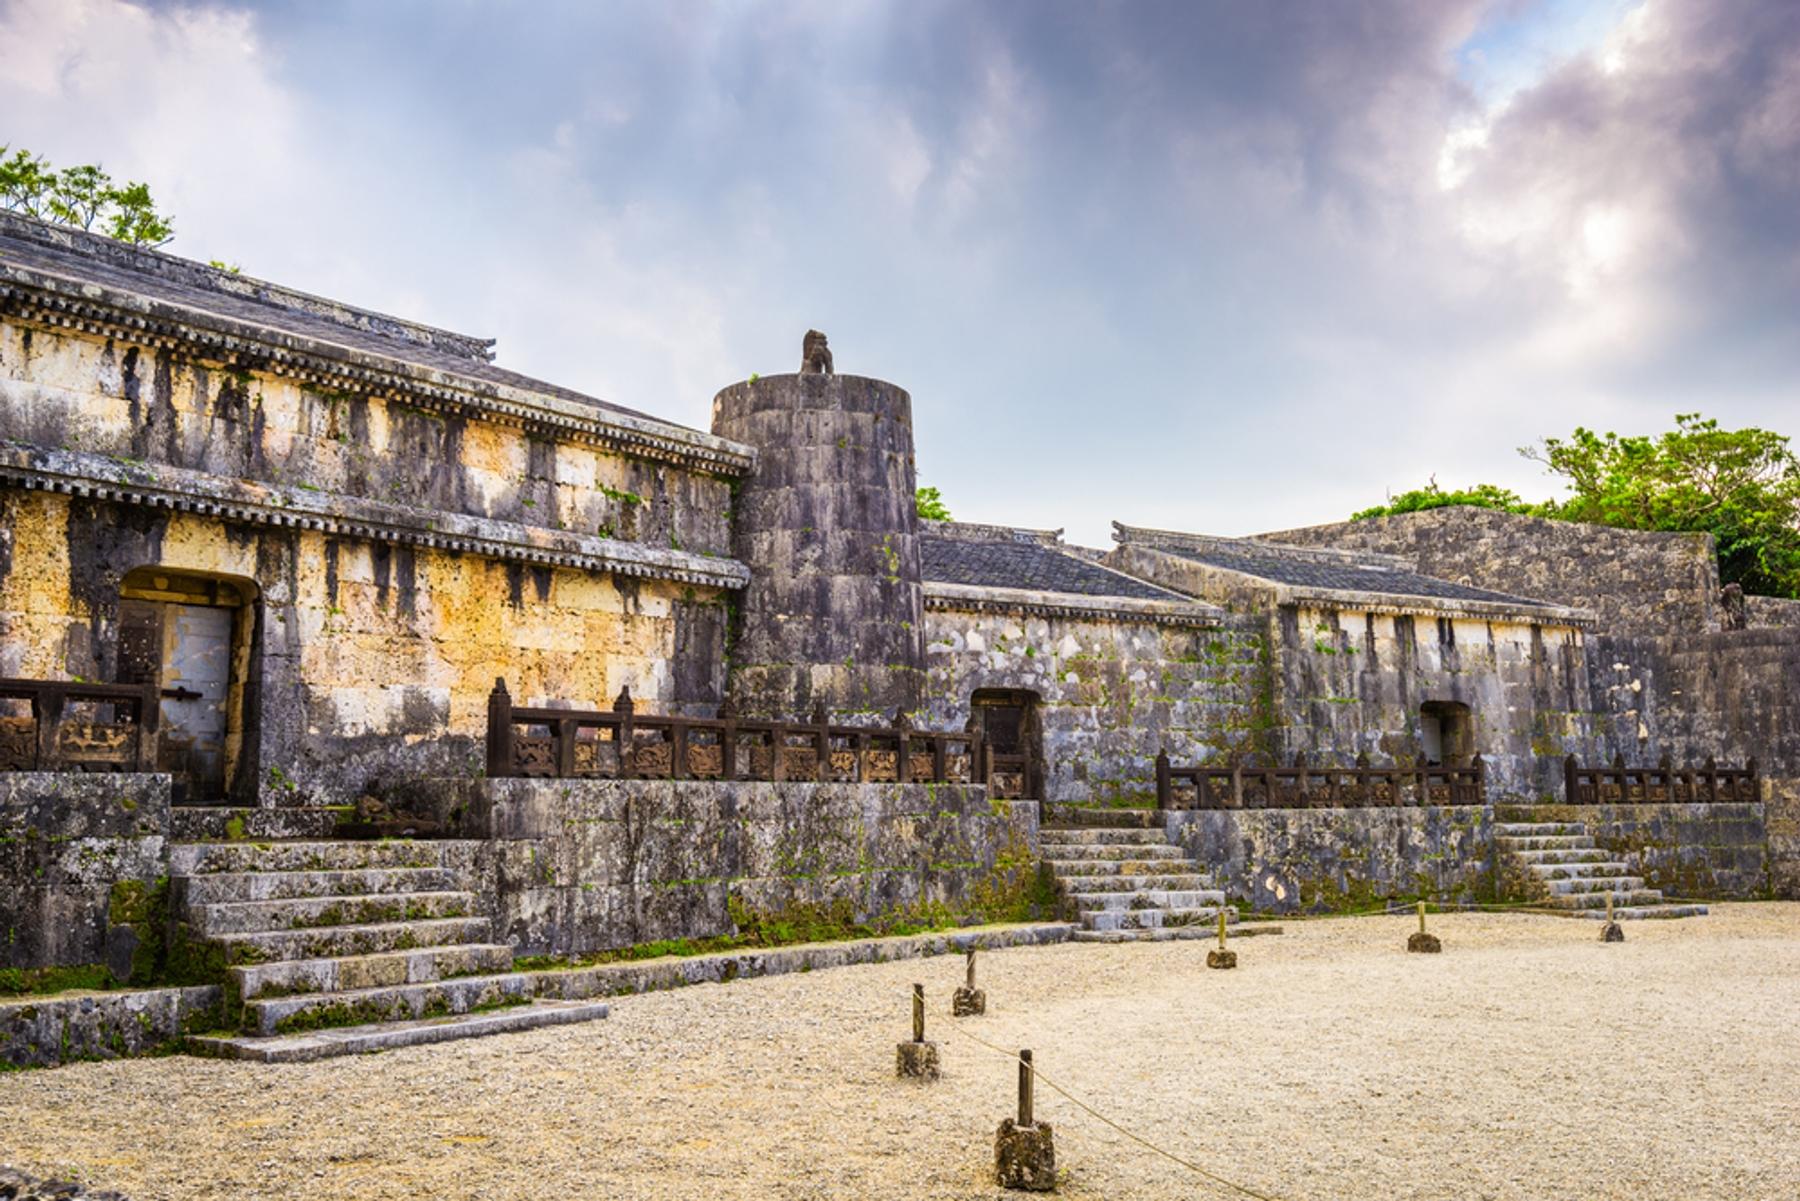 沖縄県 首里城から徒歩数分の場所にある琉球王朝の王族が葬られている玉陵